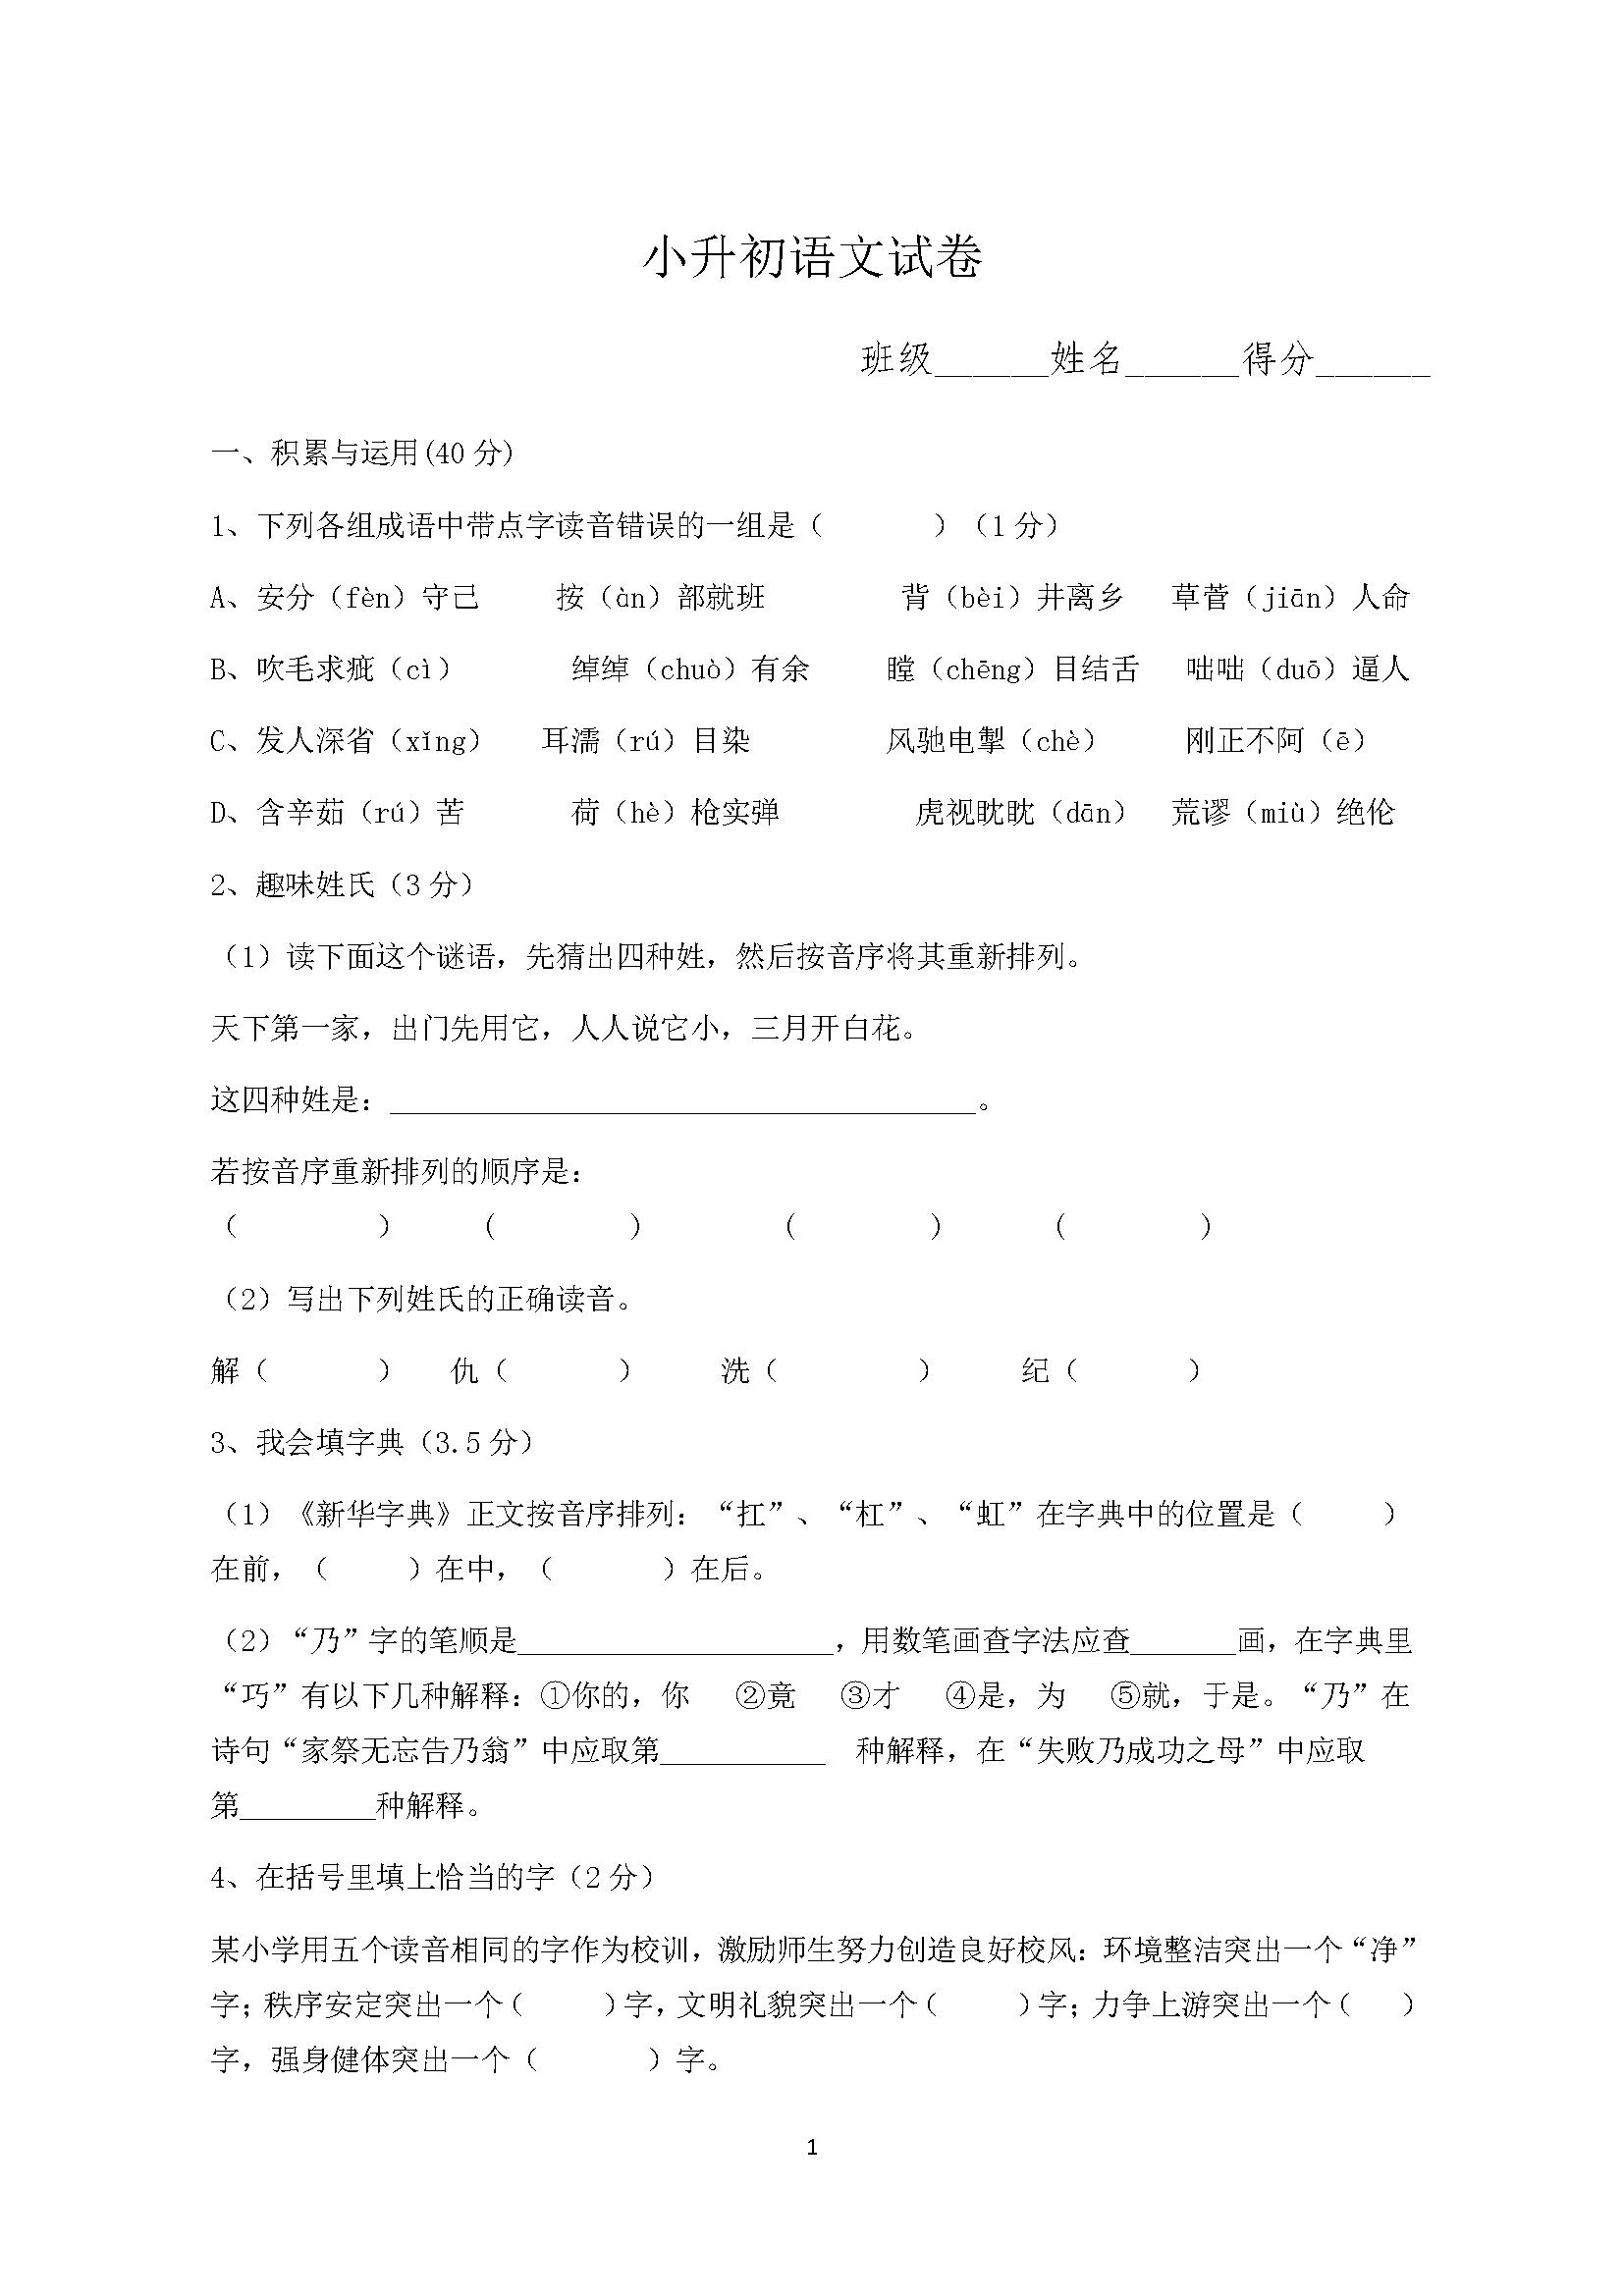 小学上初中语文试题_小升初语文试卷及参考答案(可下载)